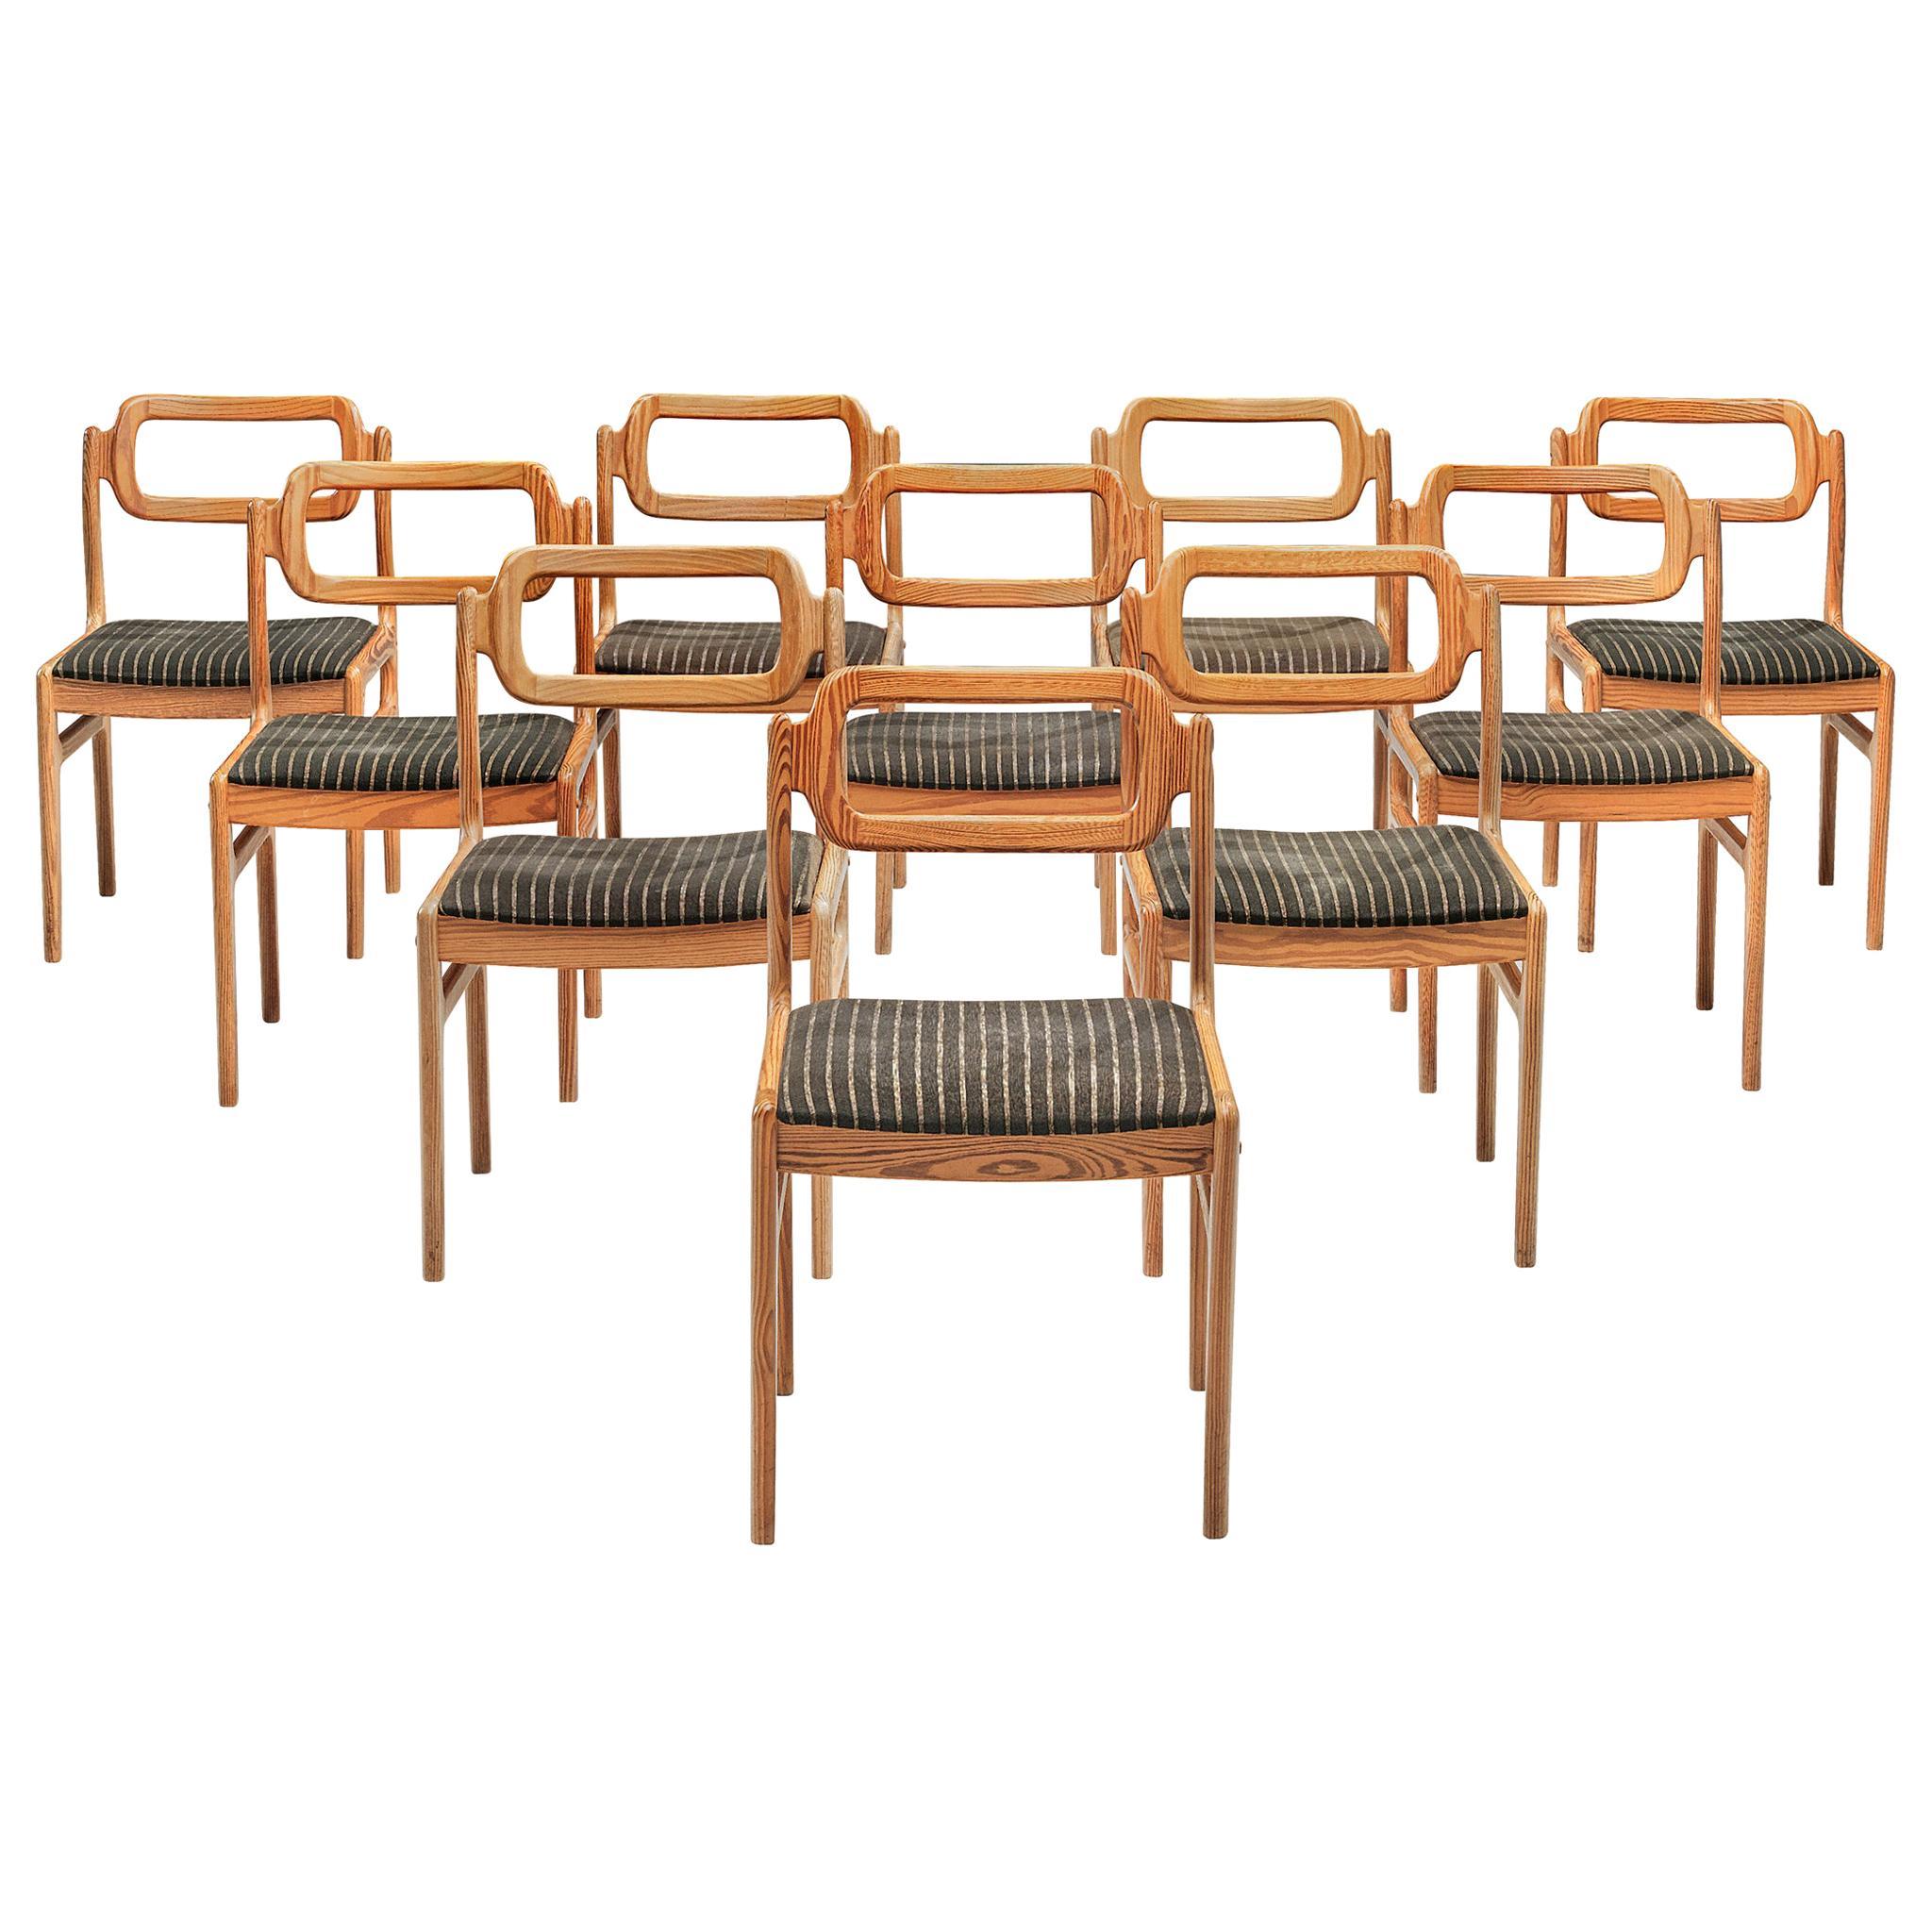 Johannes Andersen Set of Ten Dining Chairs in Oregon Pine